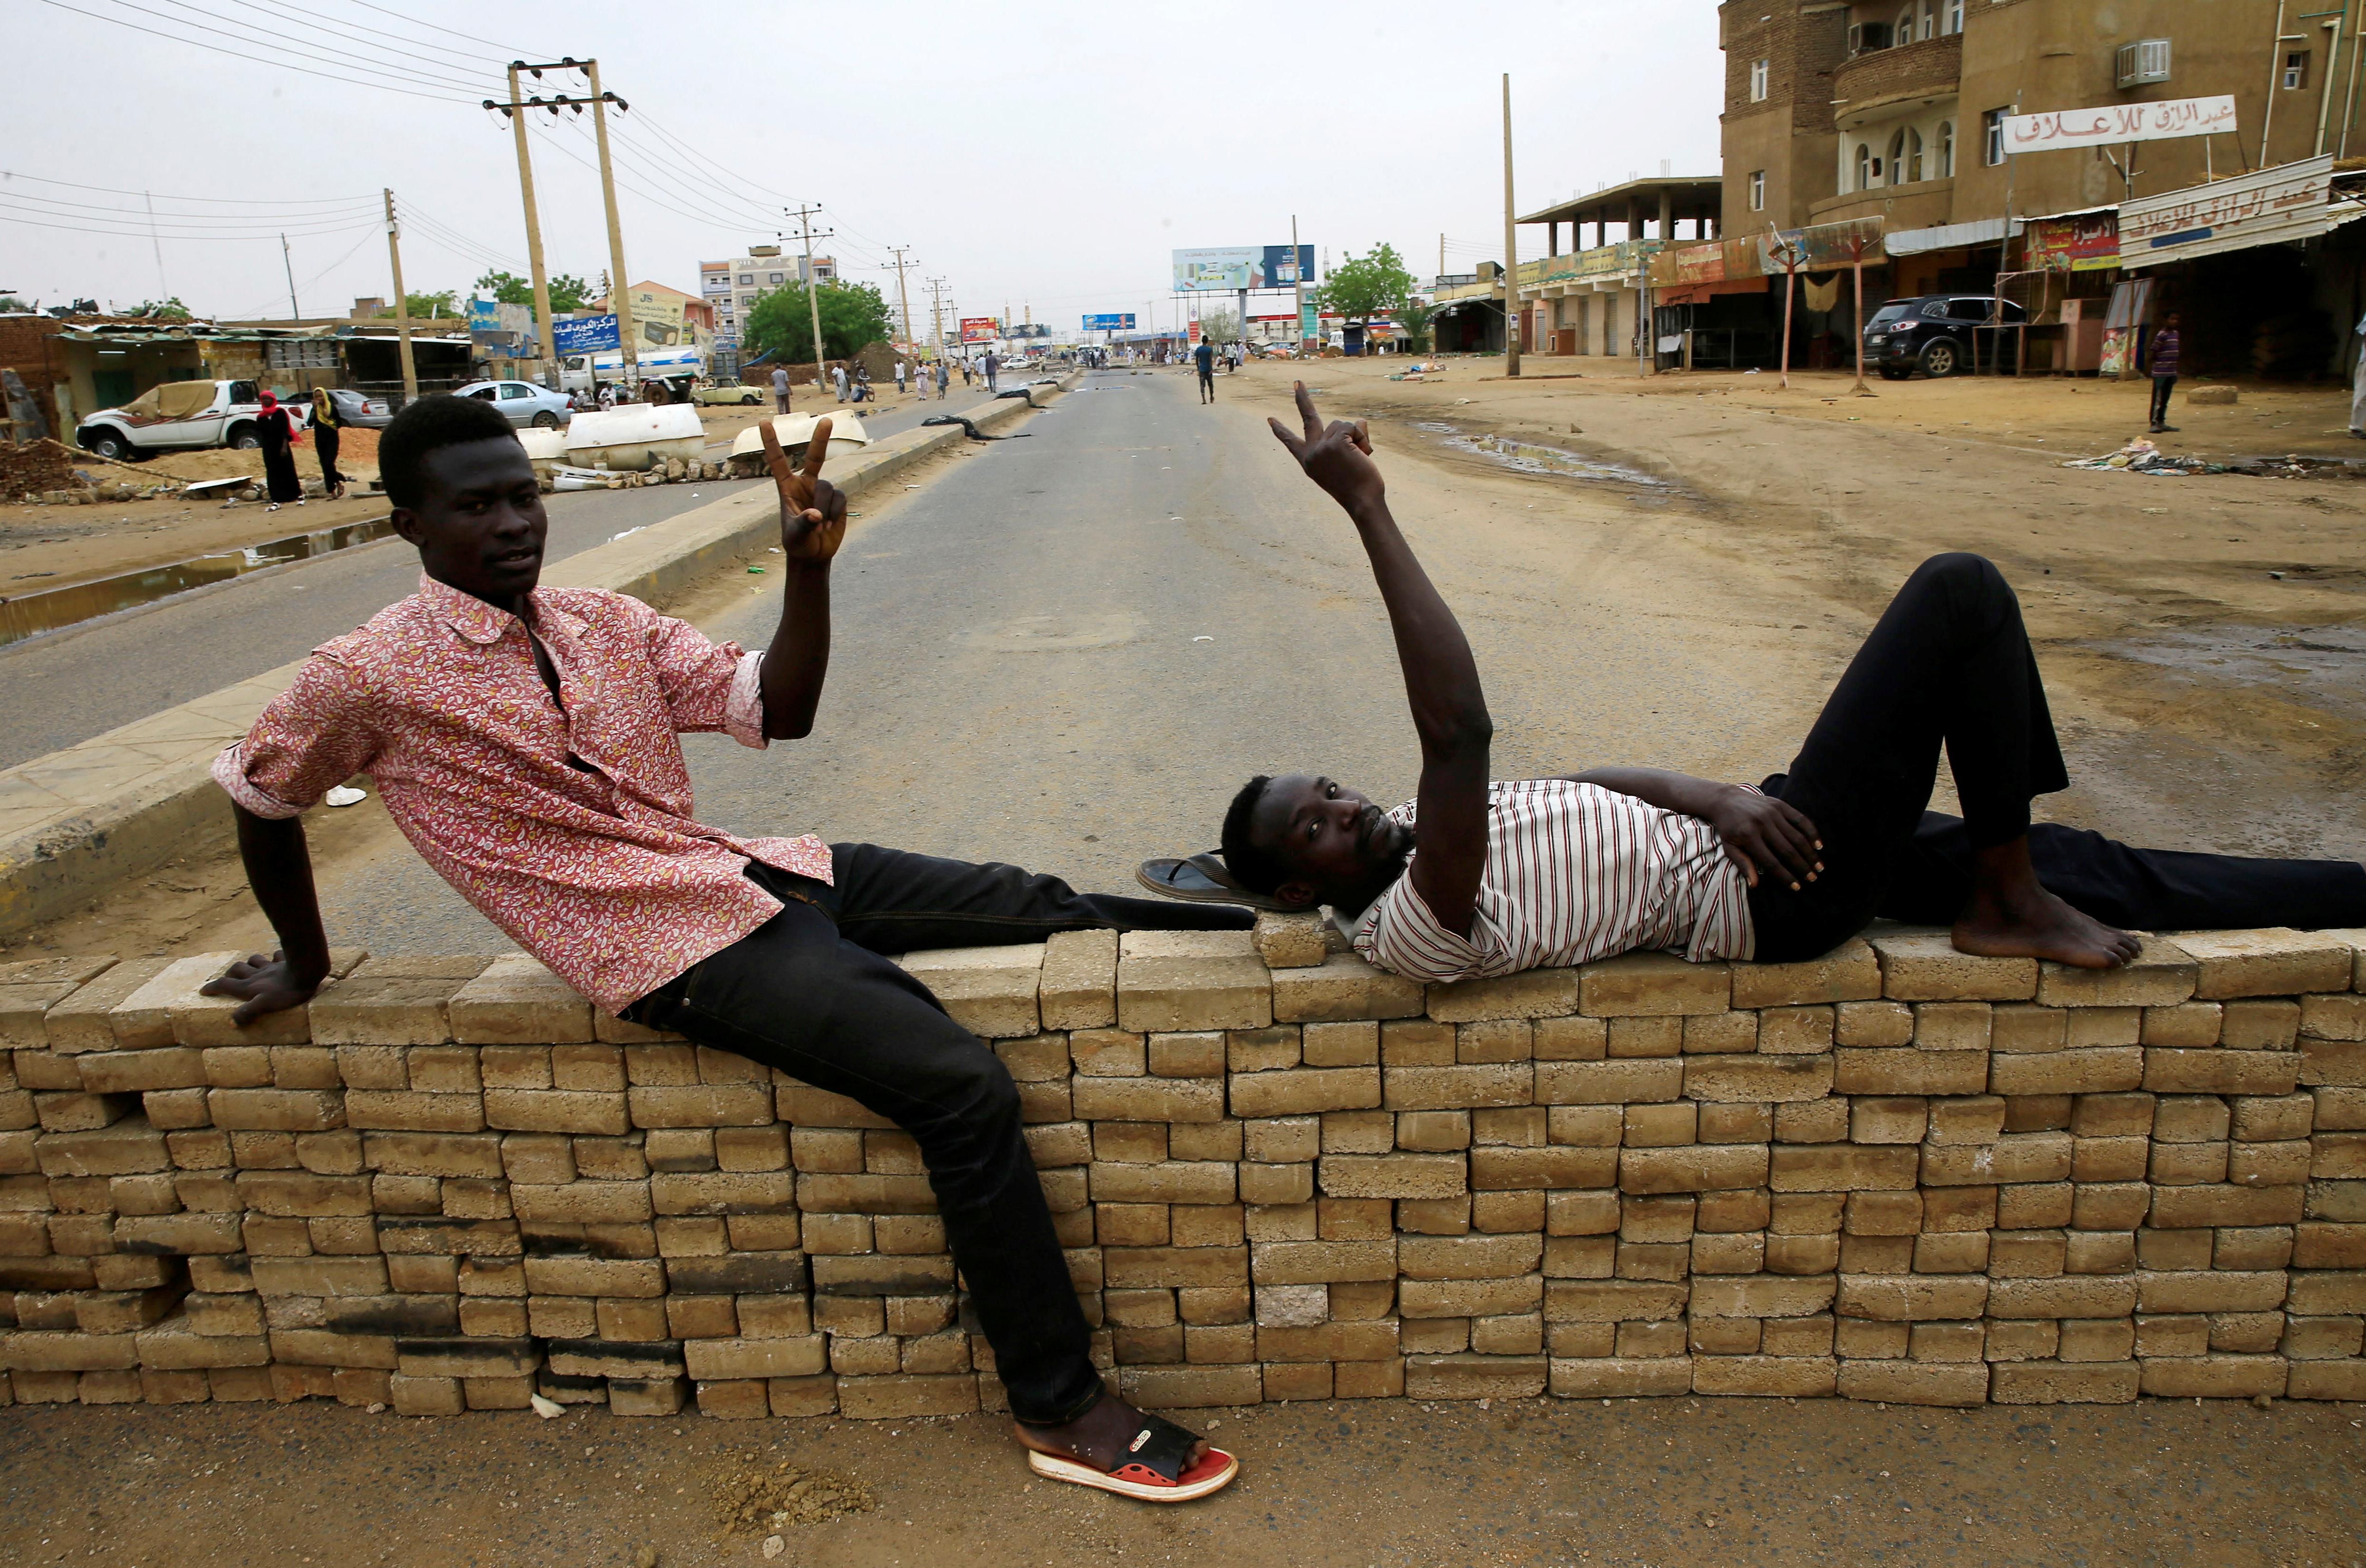 سودانيان يقفان عند حاجز شيده المحتجون في يوم العصيان المدني بالخرطوم